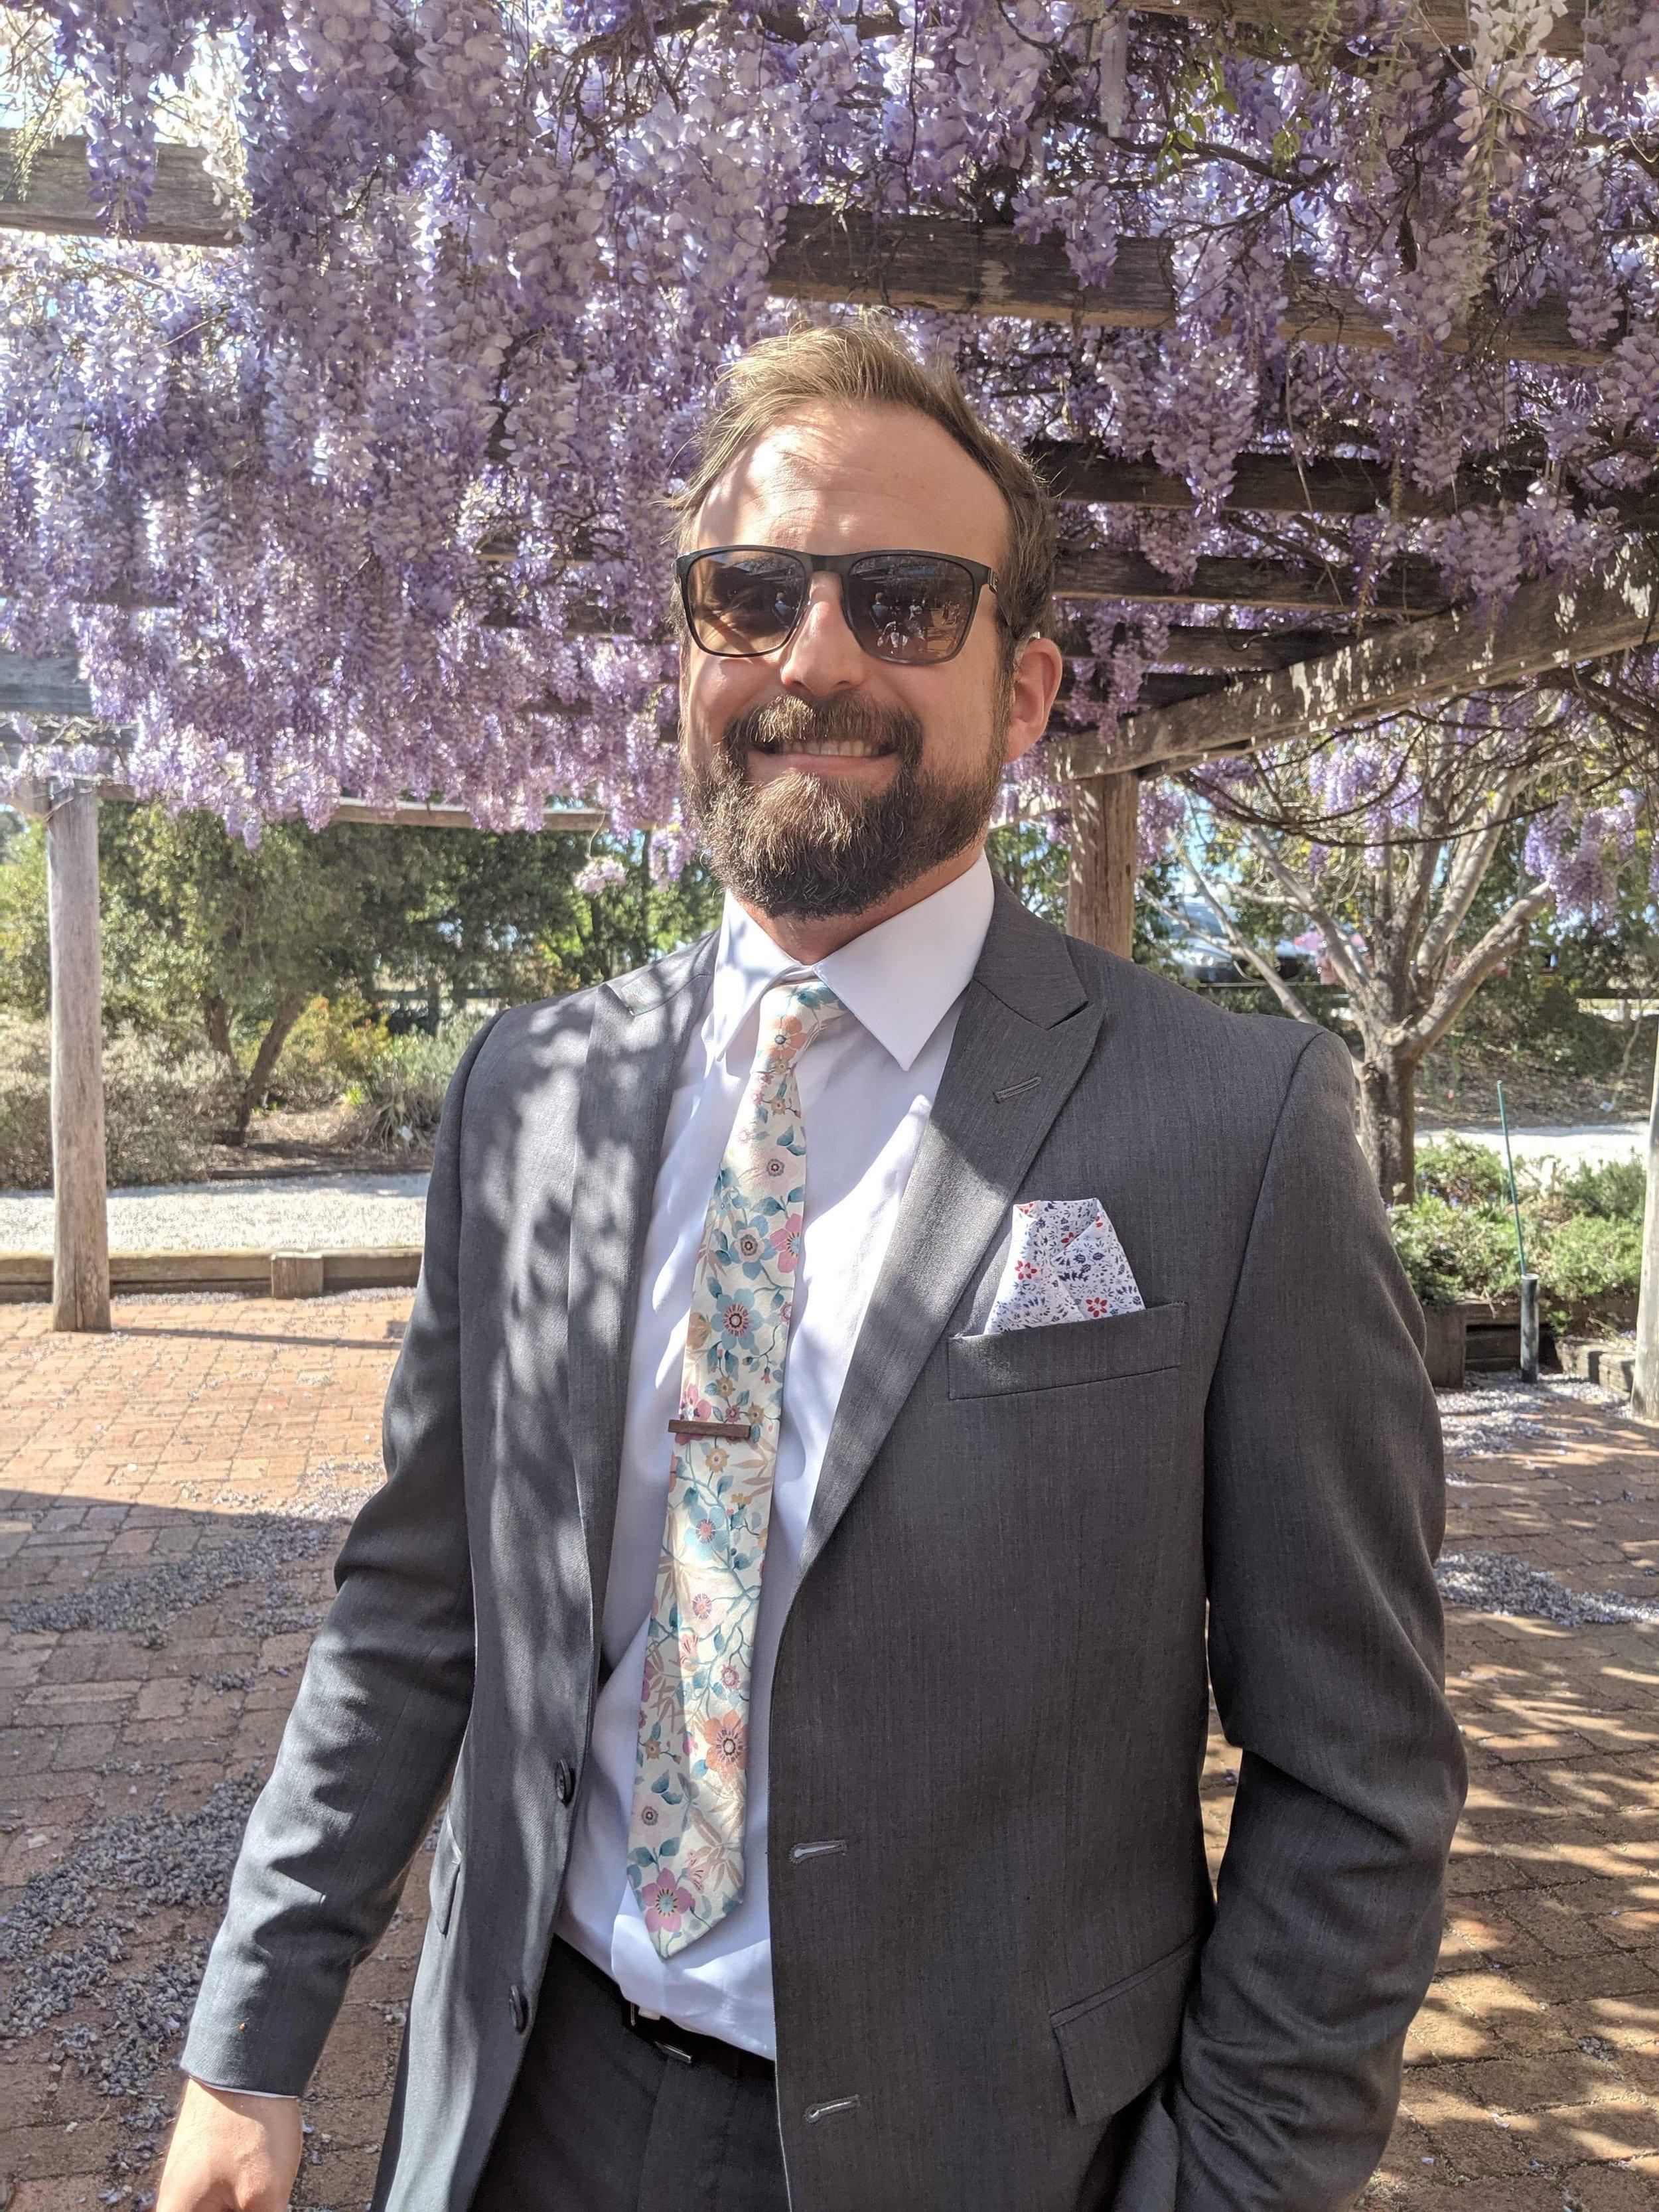 edward kwan handmade neckties ties melbourne australia 2.JPG